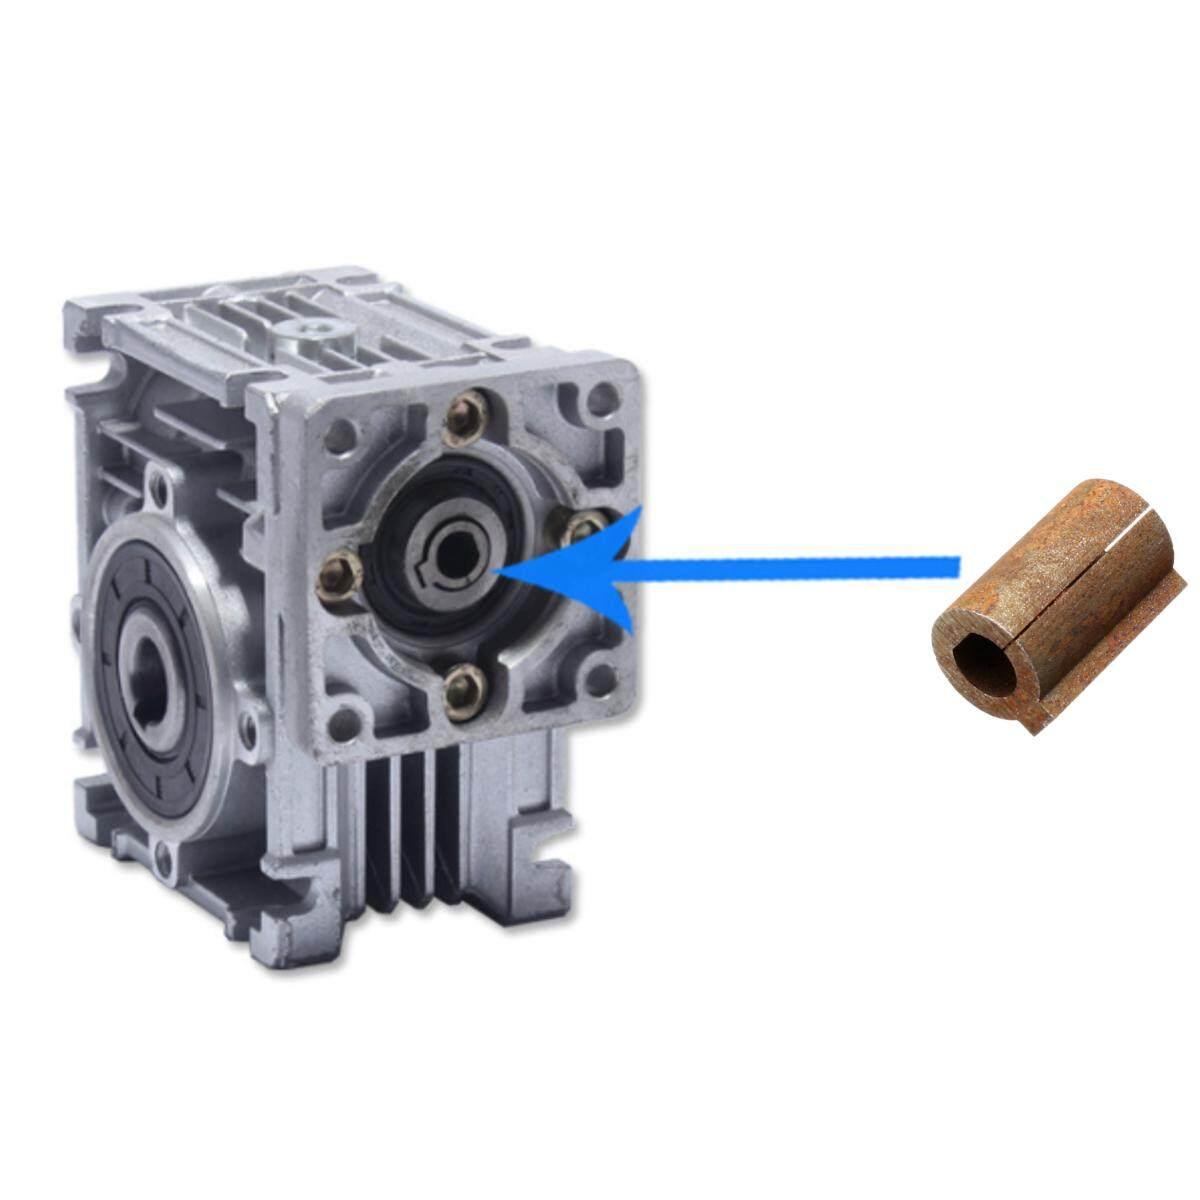 1 PC Reduktor Roda Gigi Cacing Lengan Poros 8 Mm Poros Motor Steper 11 Mm Bor